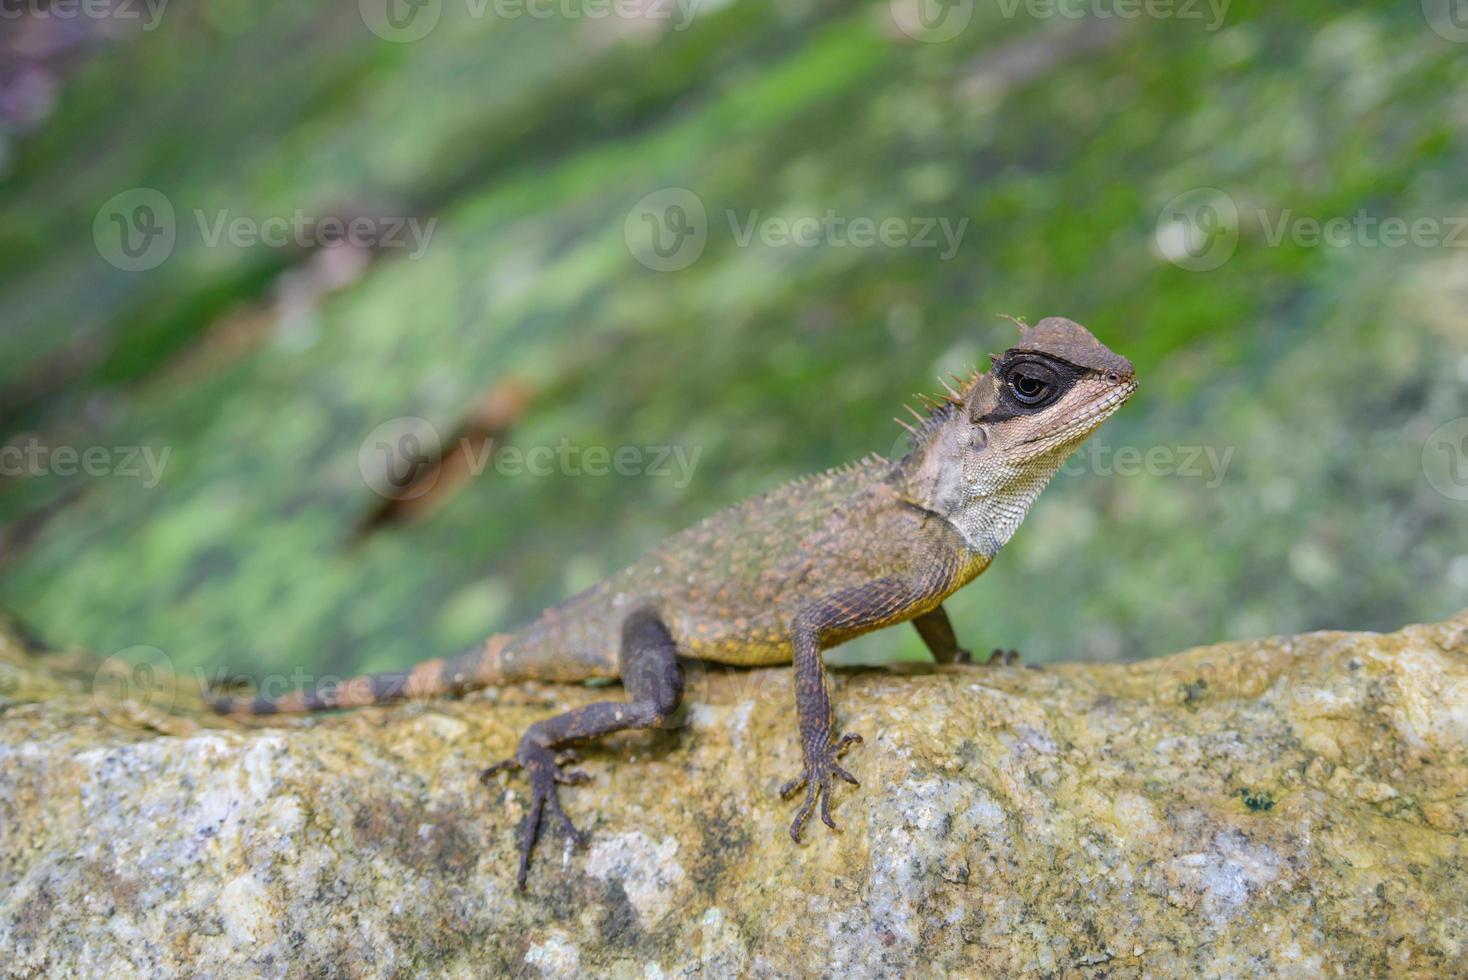 tipo de camaleón asiático en la roca, animal foto